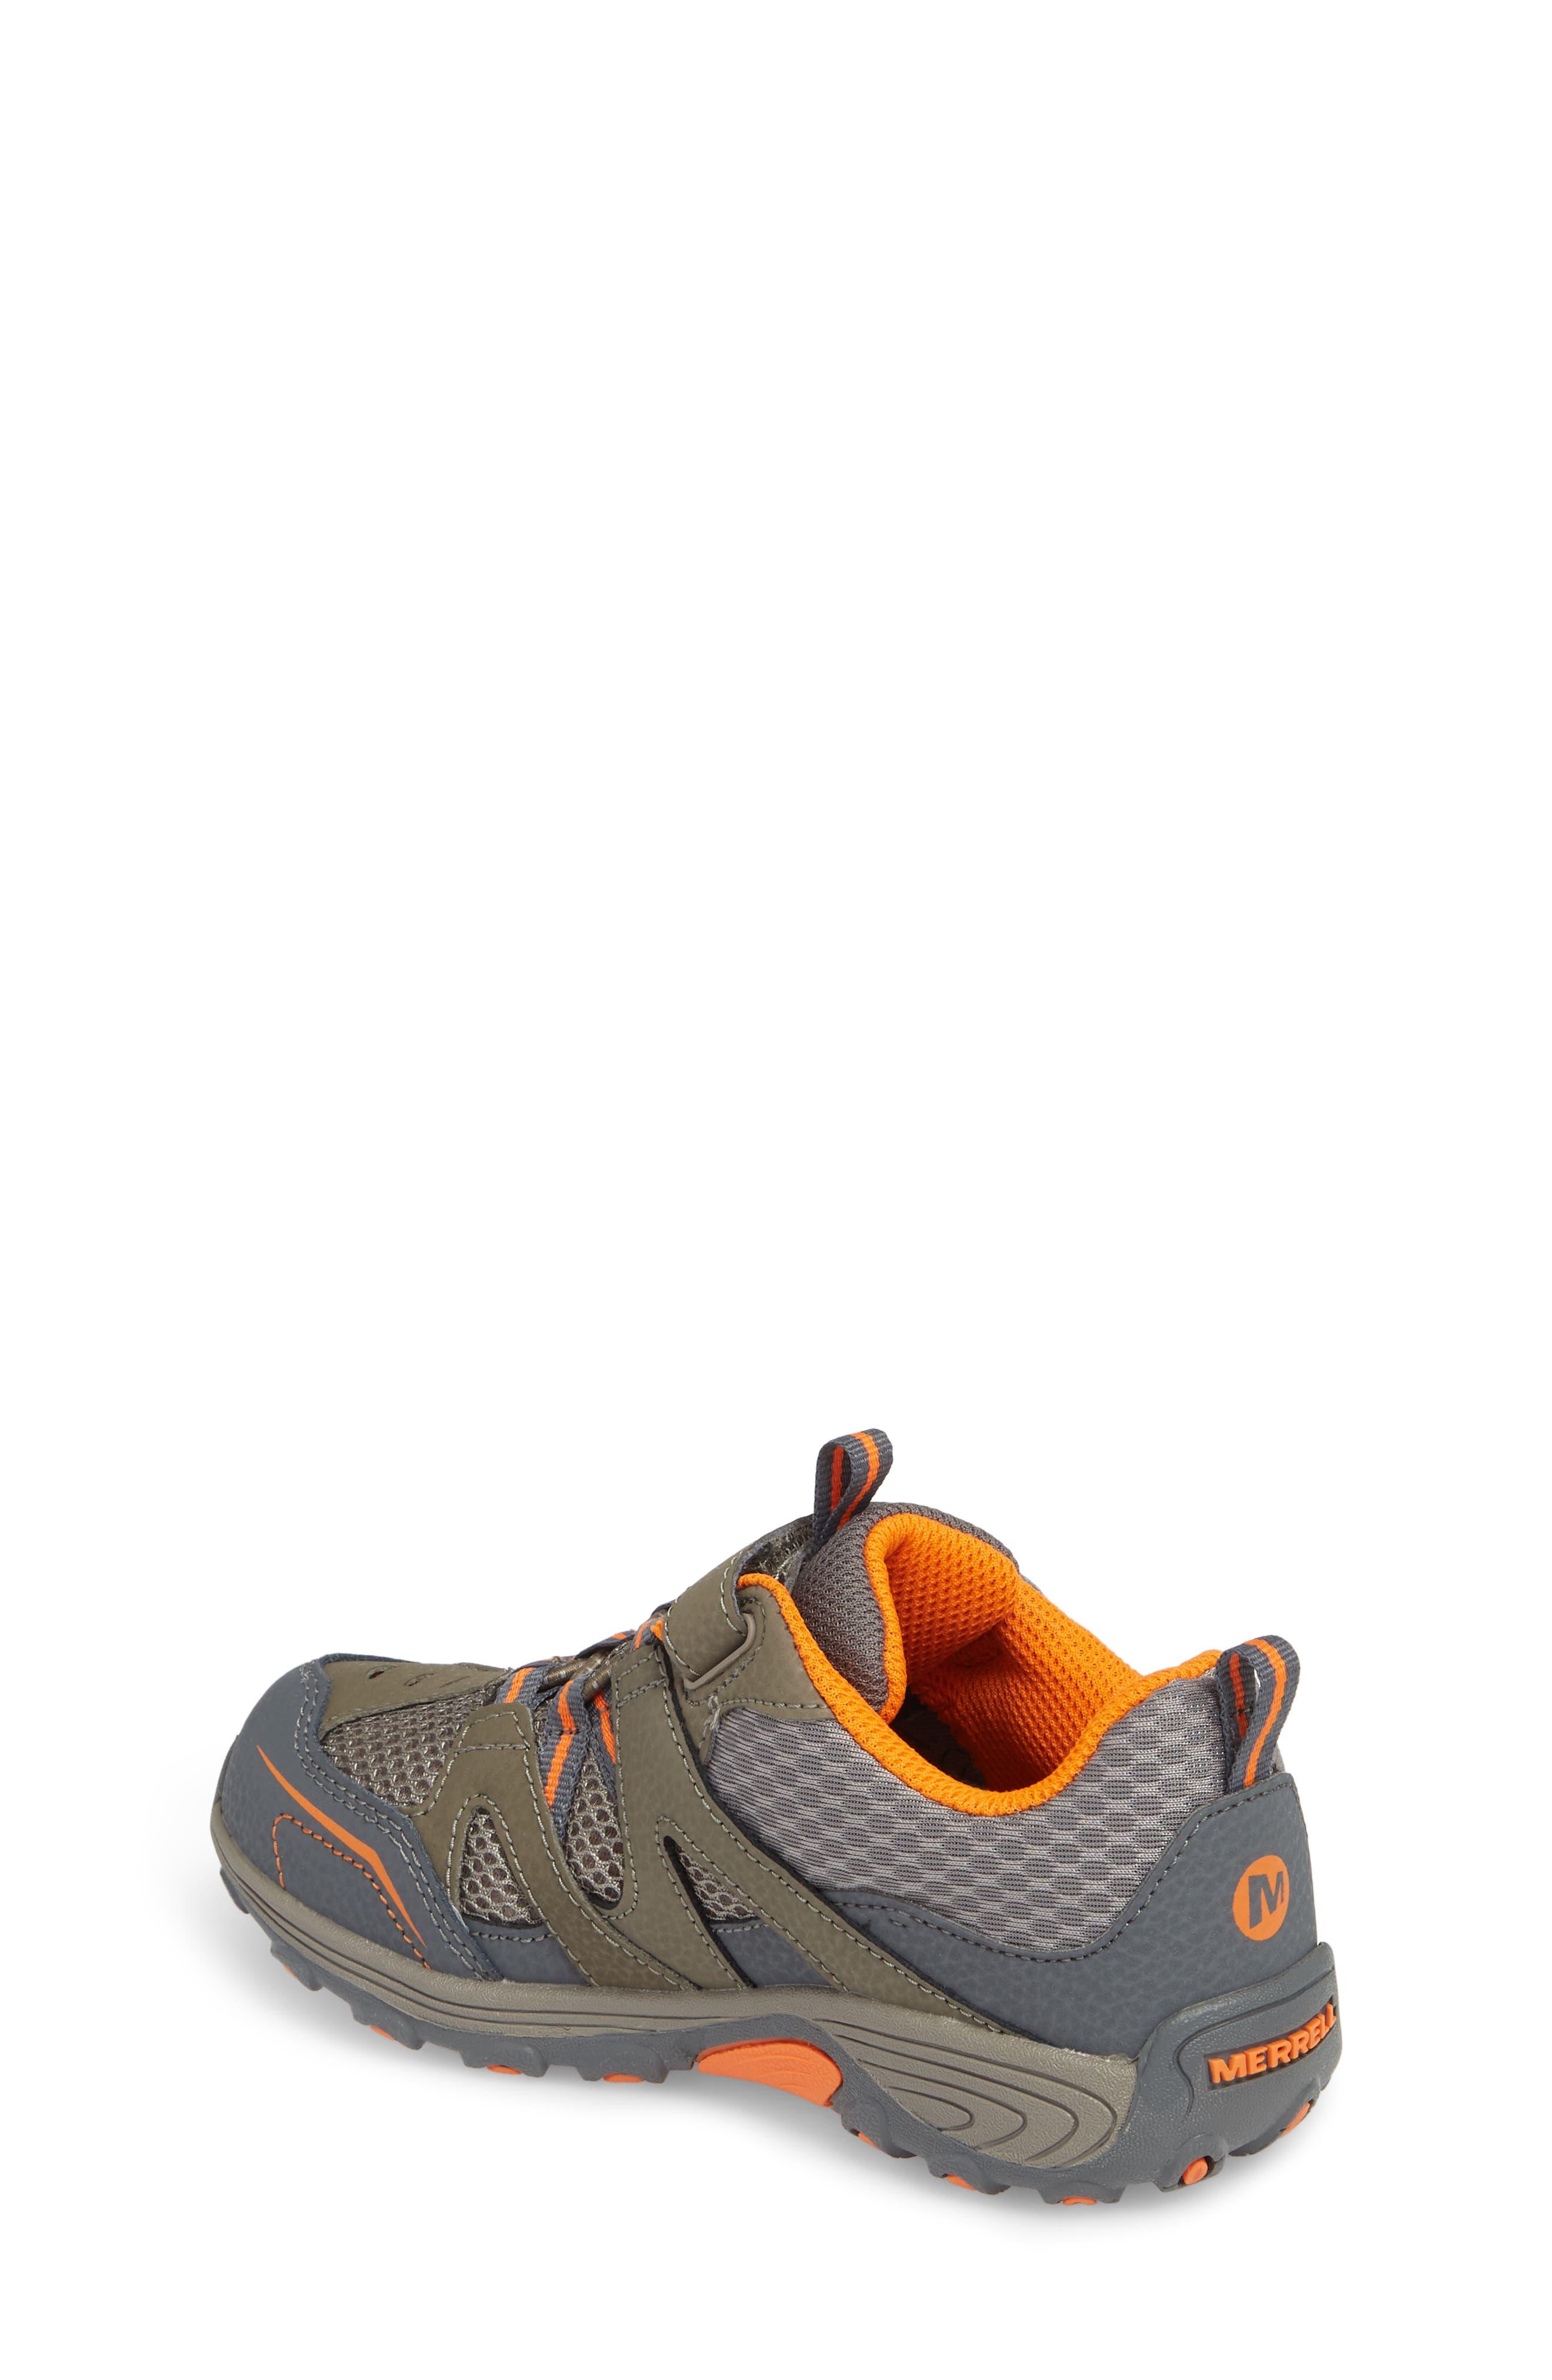 MERRELL, Trail Chaser Sneaker, Alternate thumbnail 2, color, GUNSMOKE/ ORANGE